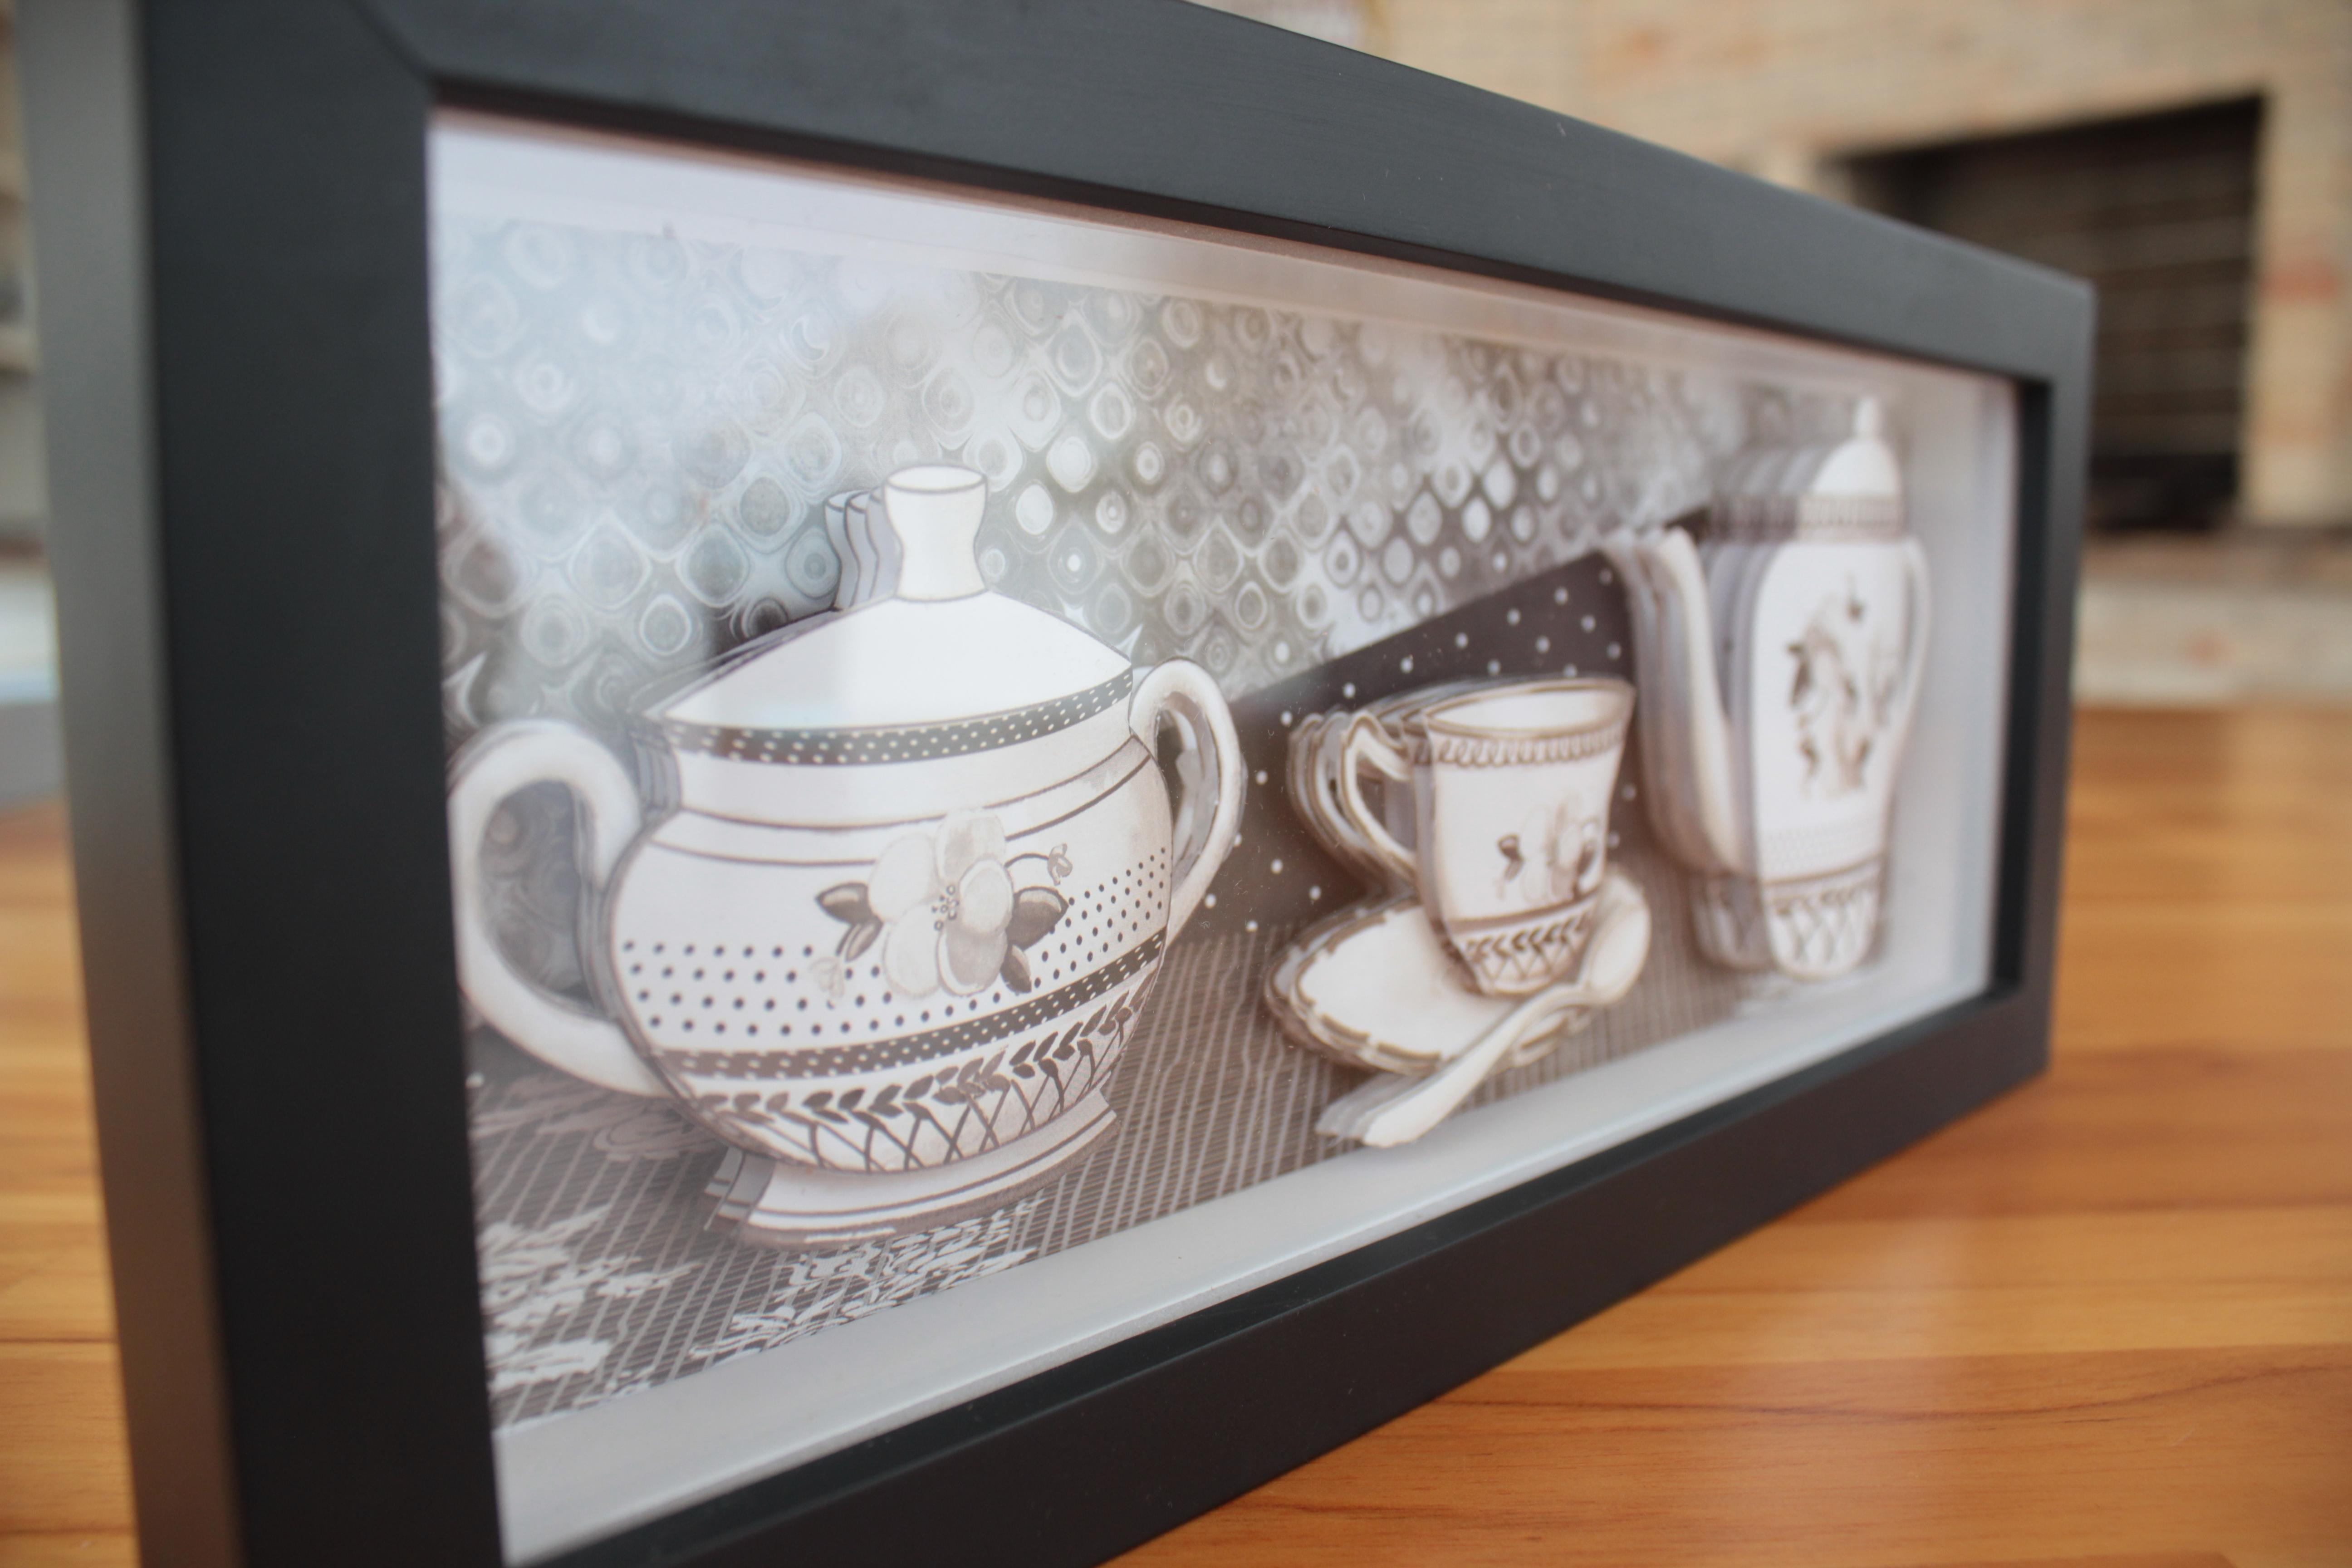 decoracao cozinha francesa:quadro-de-cozinha-em-arte-francesa-3d-decoracao-de-cozinha